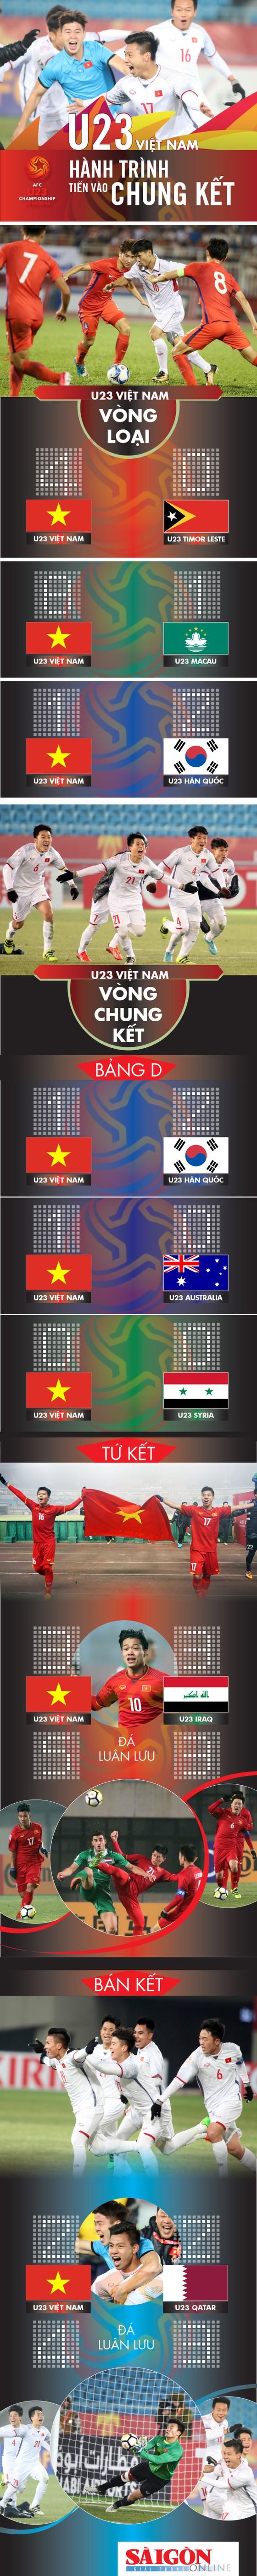 U.23 Việt Nam vào chung kết Cúp U.23 Châu Á như thế nào? ảnh 1